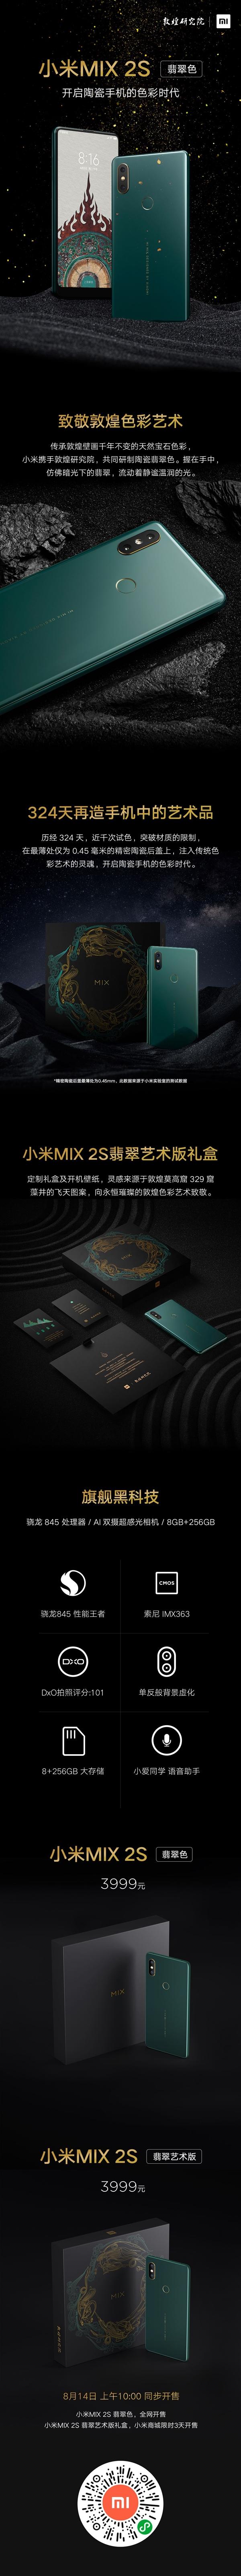 小米MIX 2S翡翠艺术版揭秘:324天的陶瓷艺术之旅